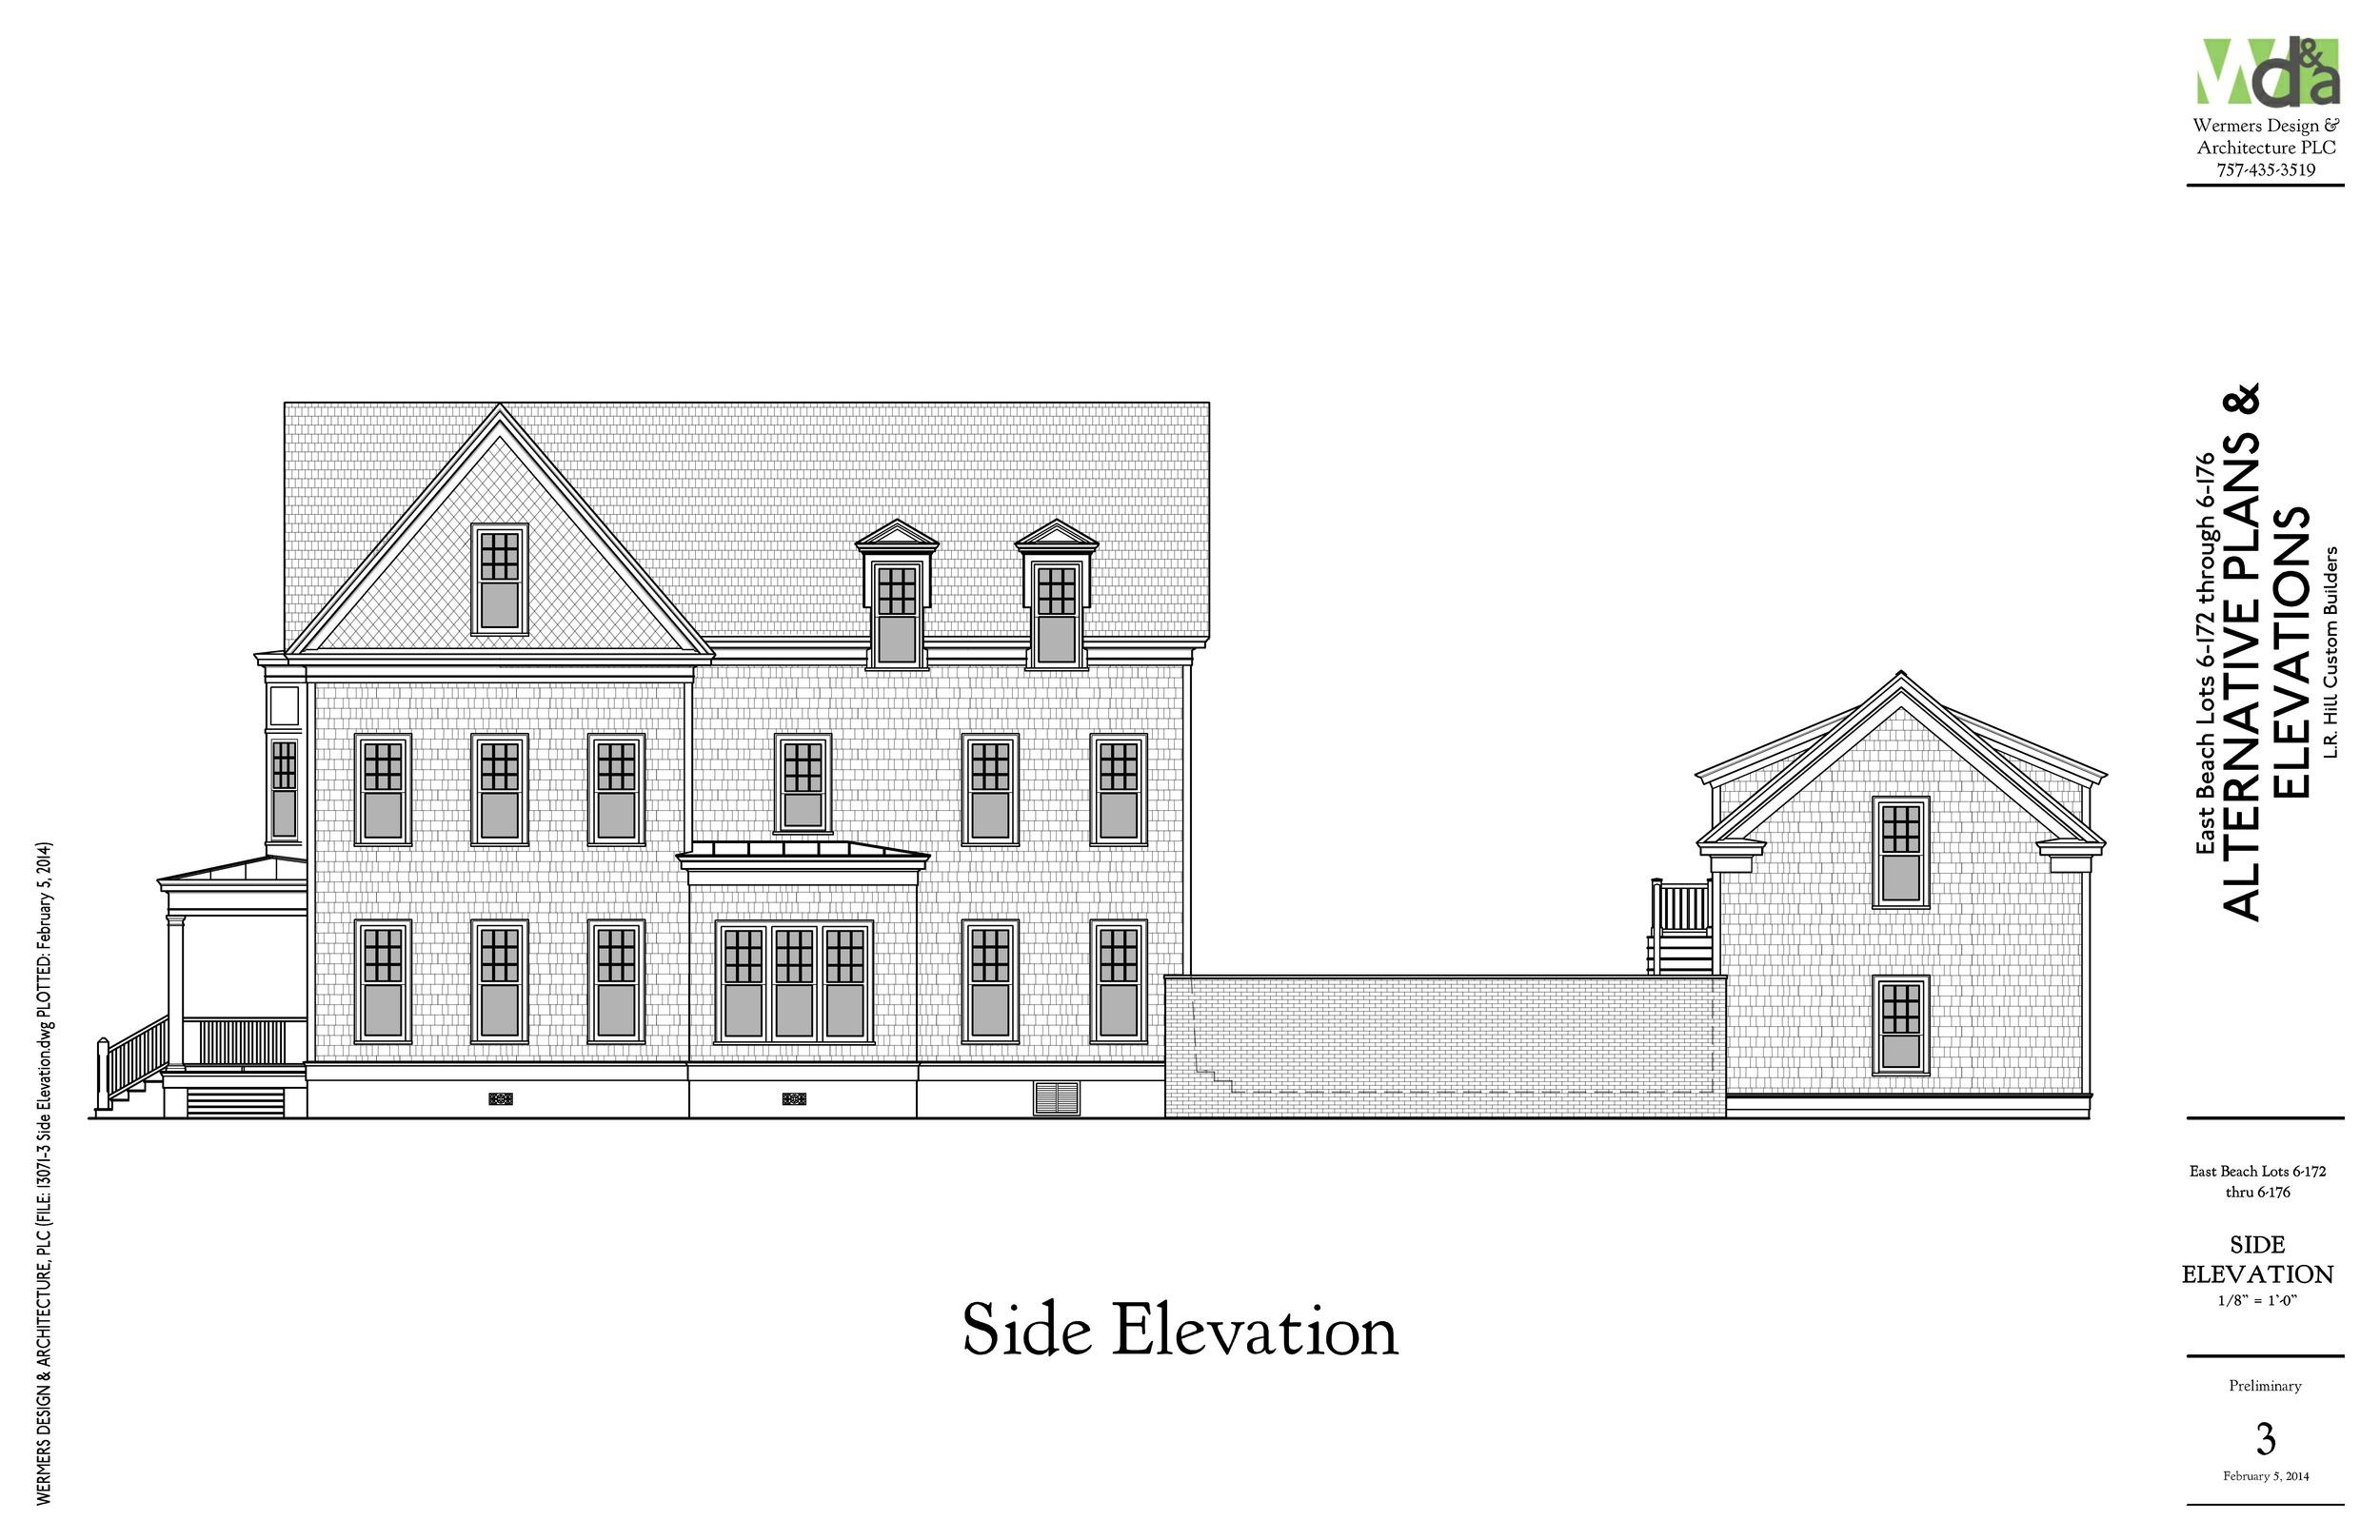 EB Lots 6-172 to 176 V.2 Prelim Plans & Elevations 2014Feb05_Page_3.jpg